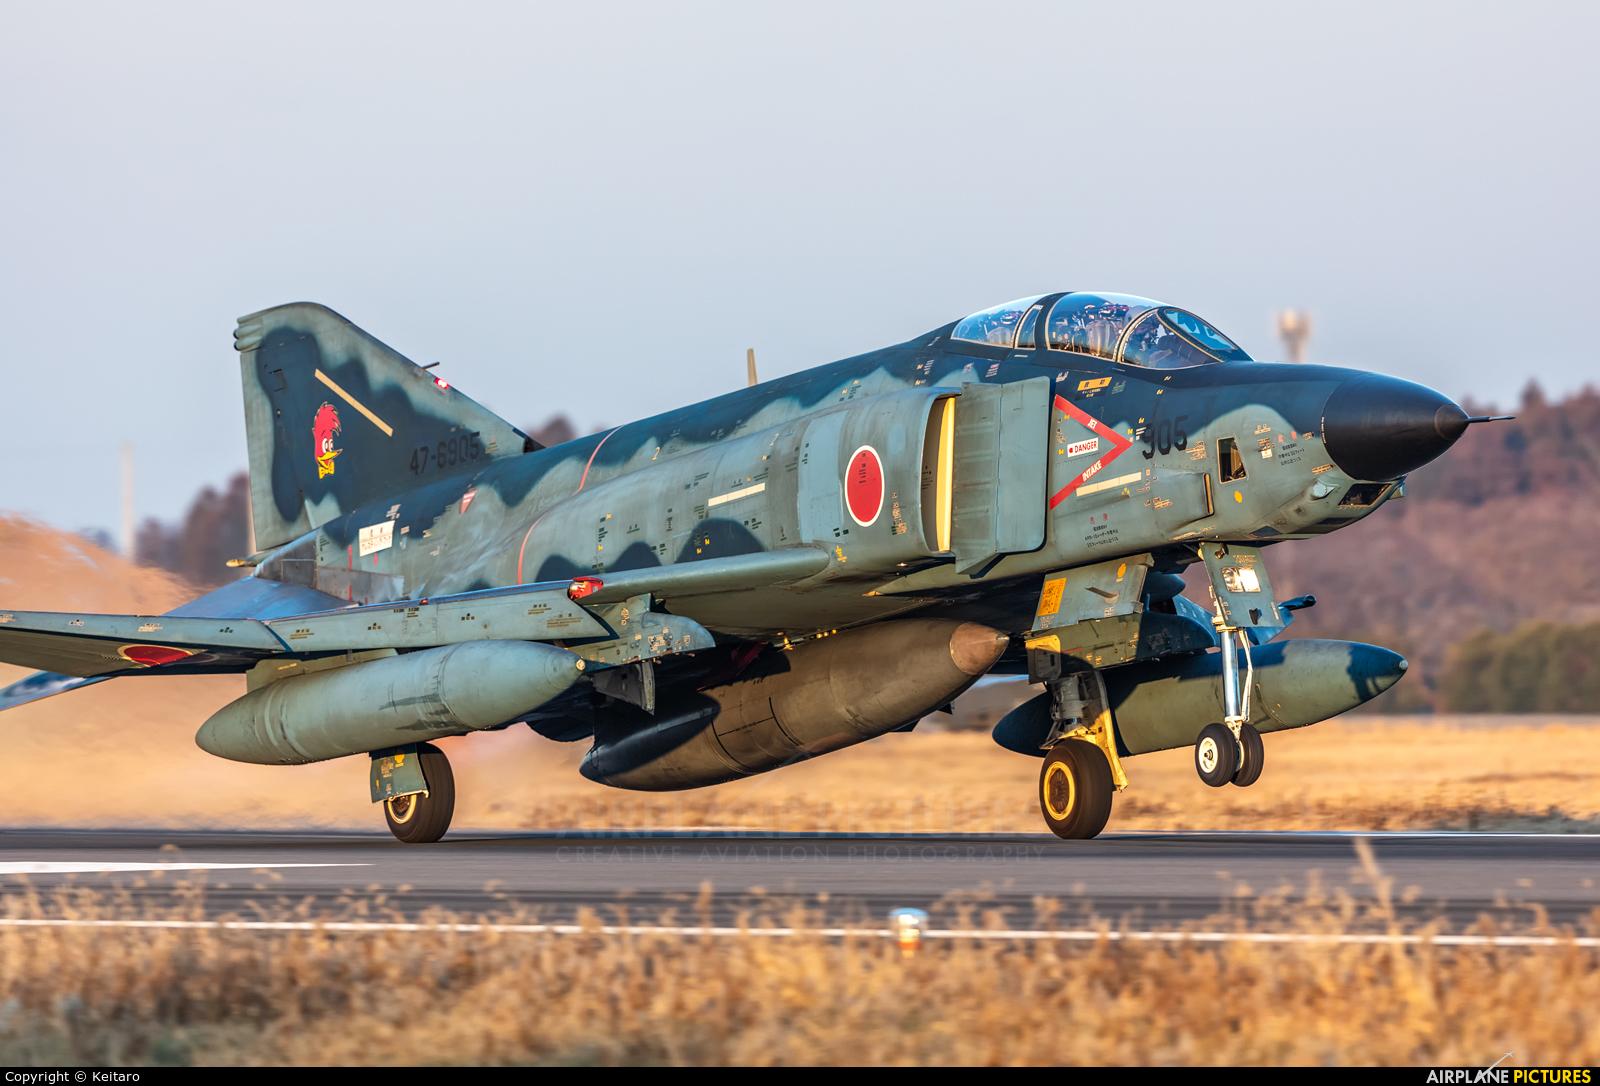 Japan - Air Self Defence Force 47-6905 aircraft at Ibaraki - Hyakuri AB